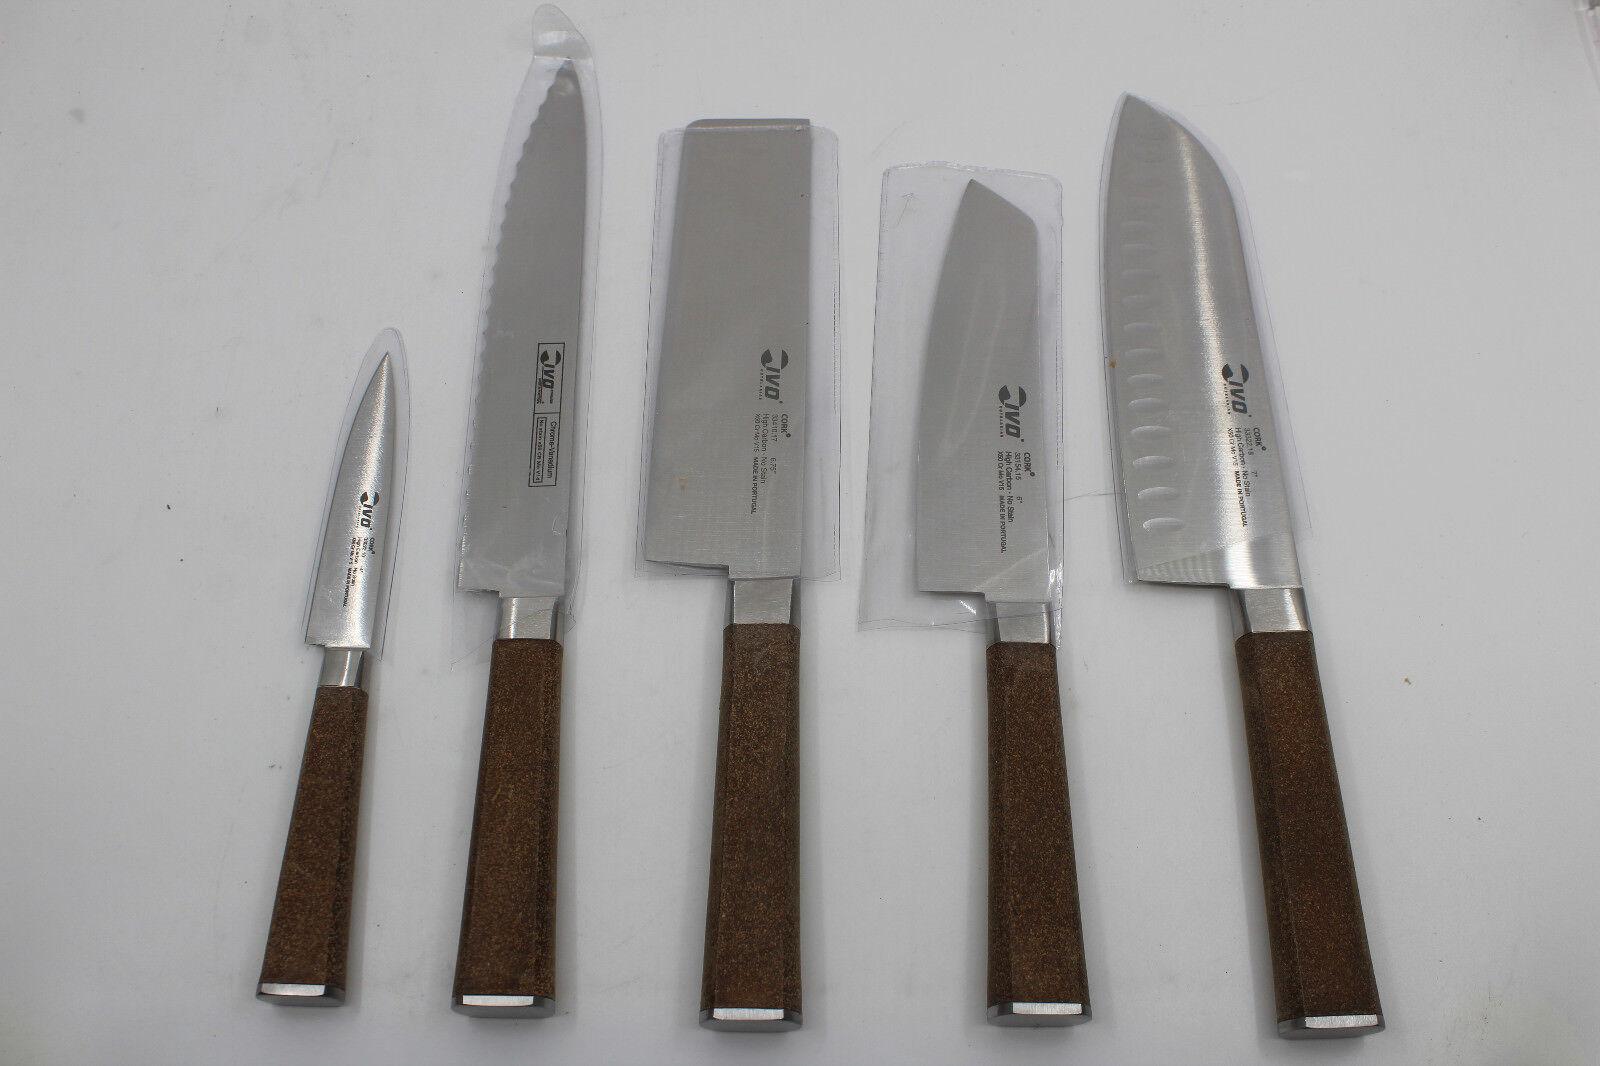 Ivo cutelarias 5 Pièces Couteau Set adapté au lave-vaisselle NEUF